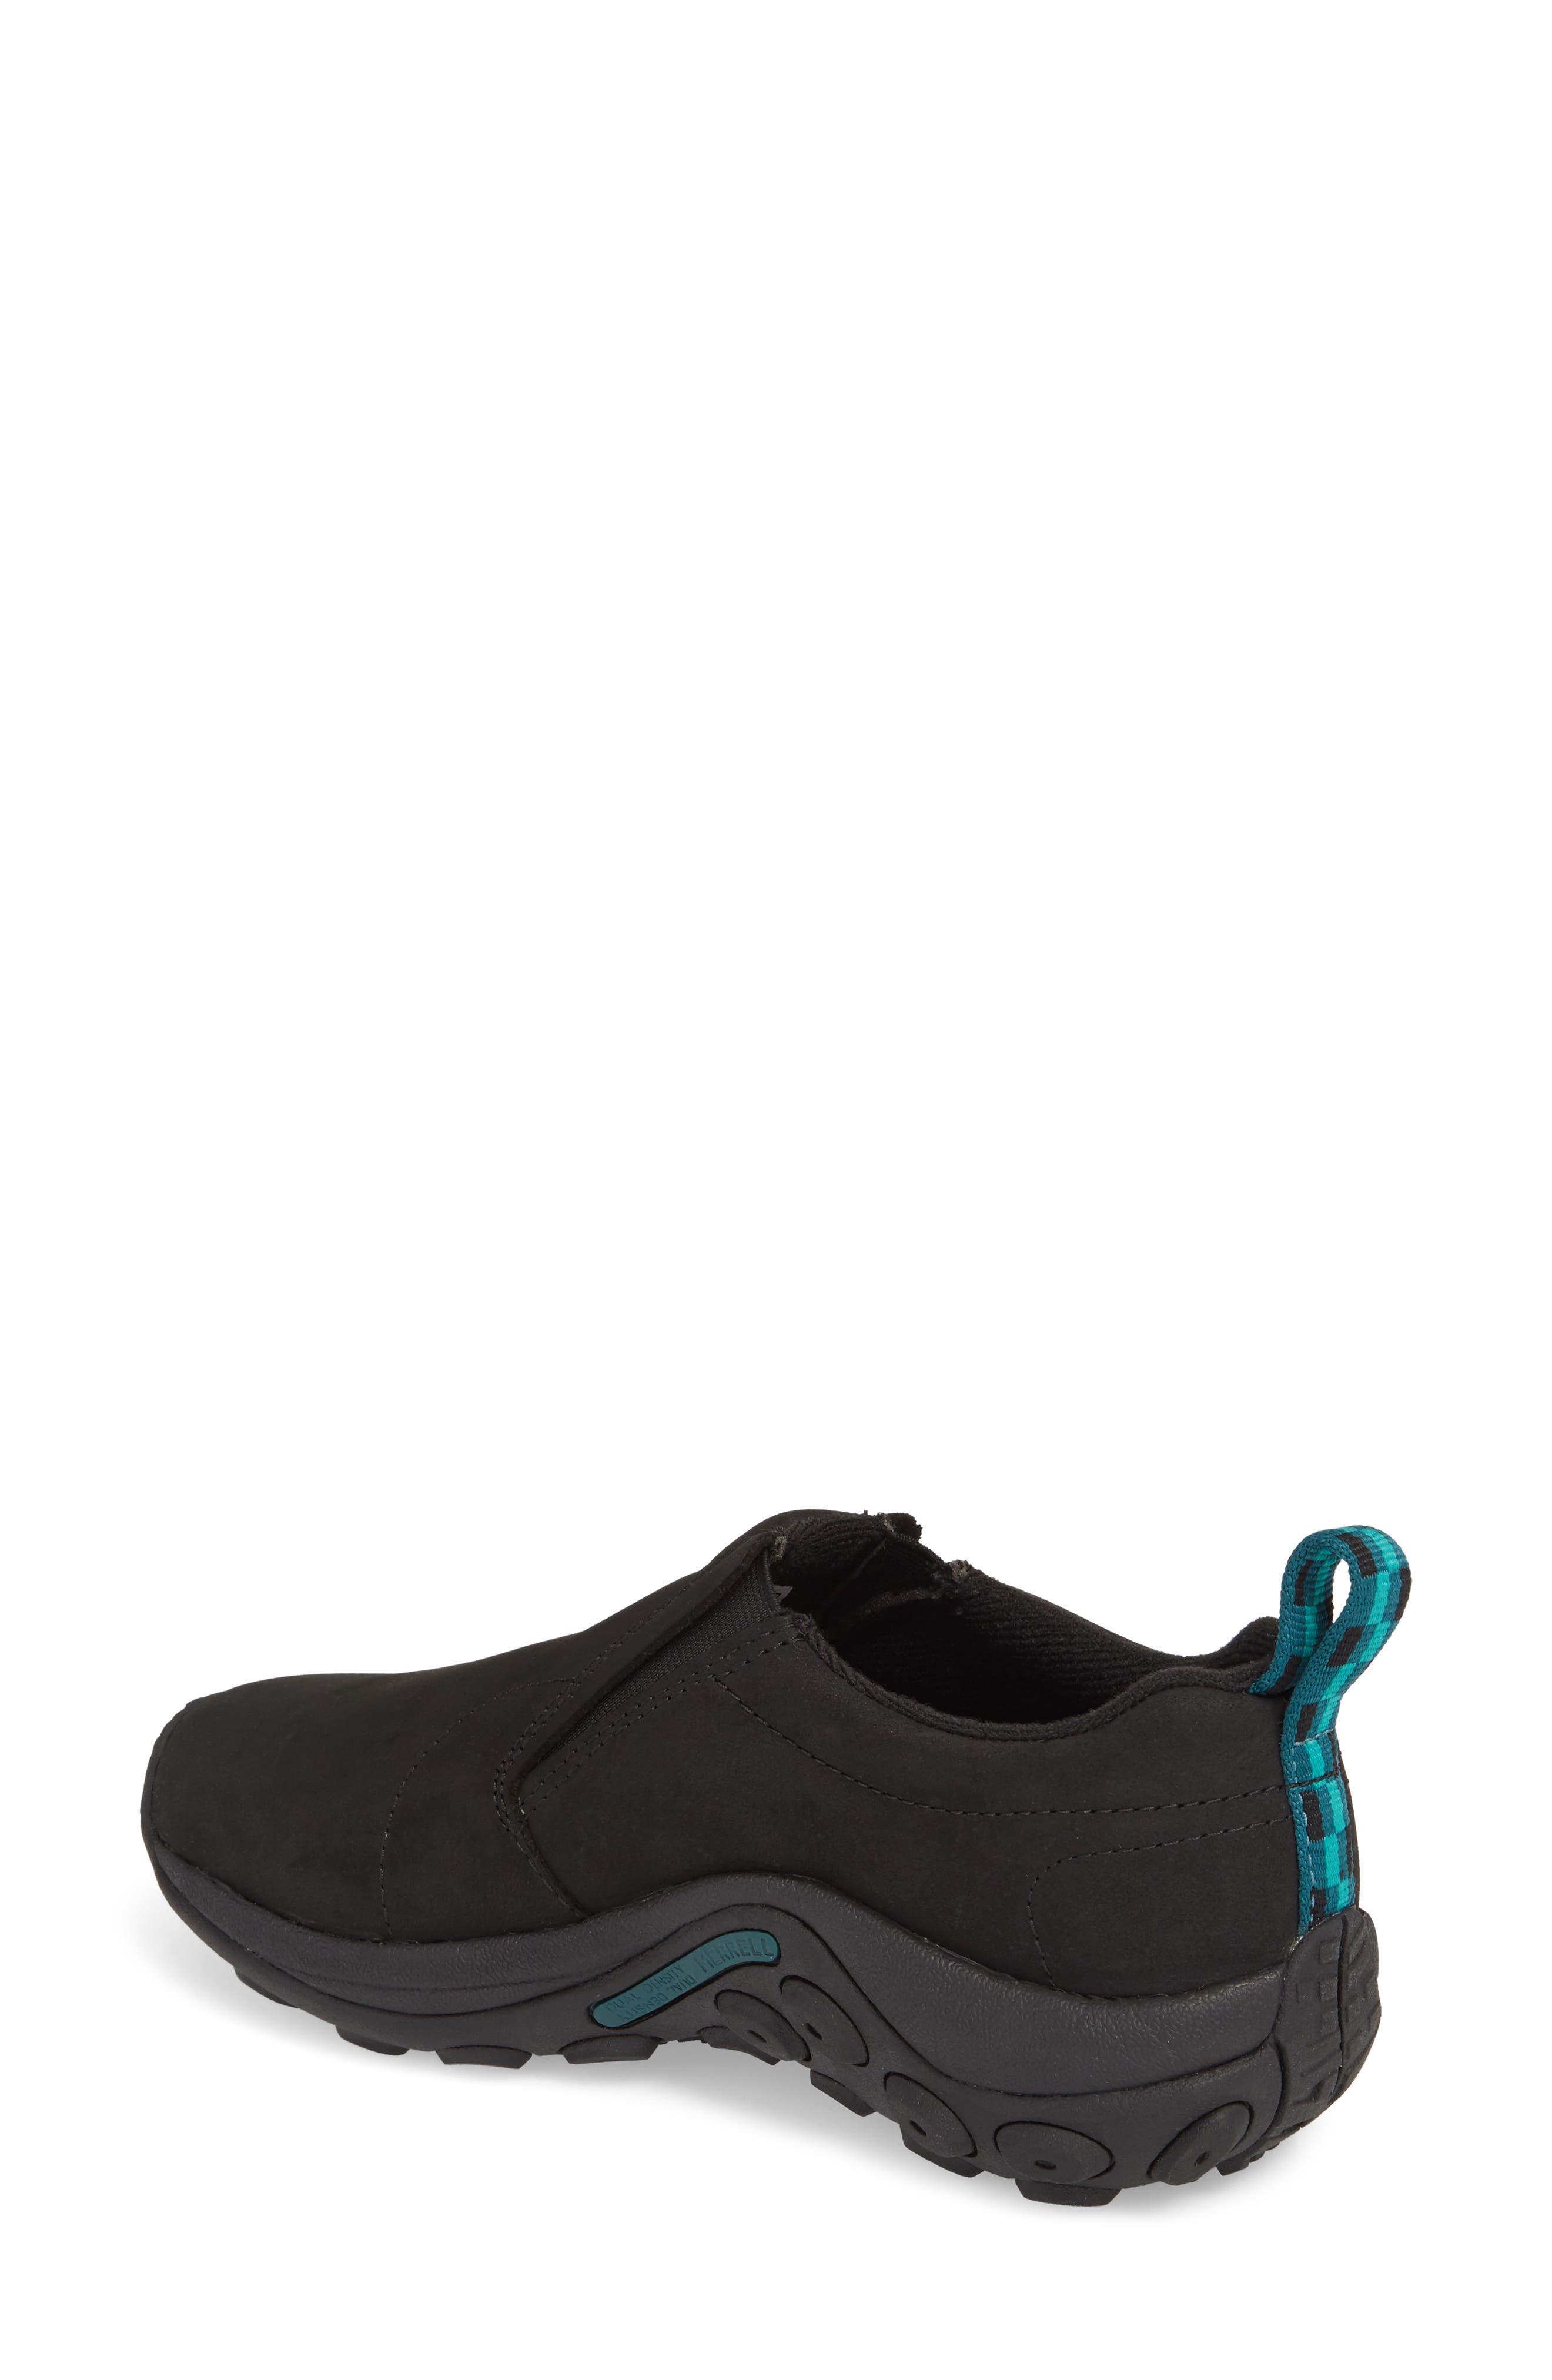 Jungle Moc Nubuck Sneaker,                             Alternate thumbnail 2, color,                             BLACK LEATHER